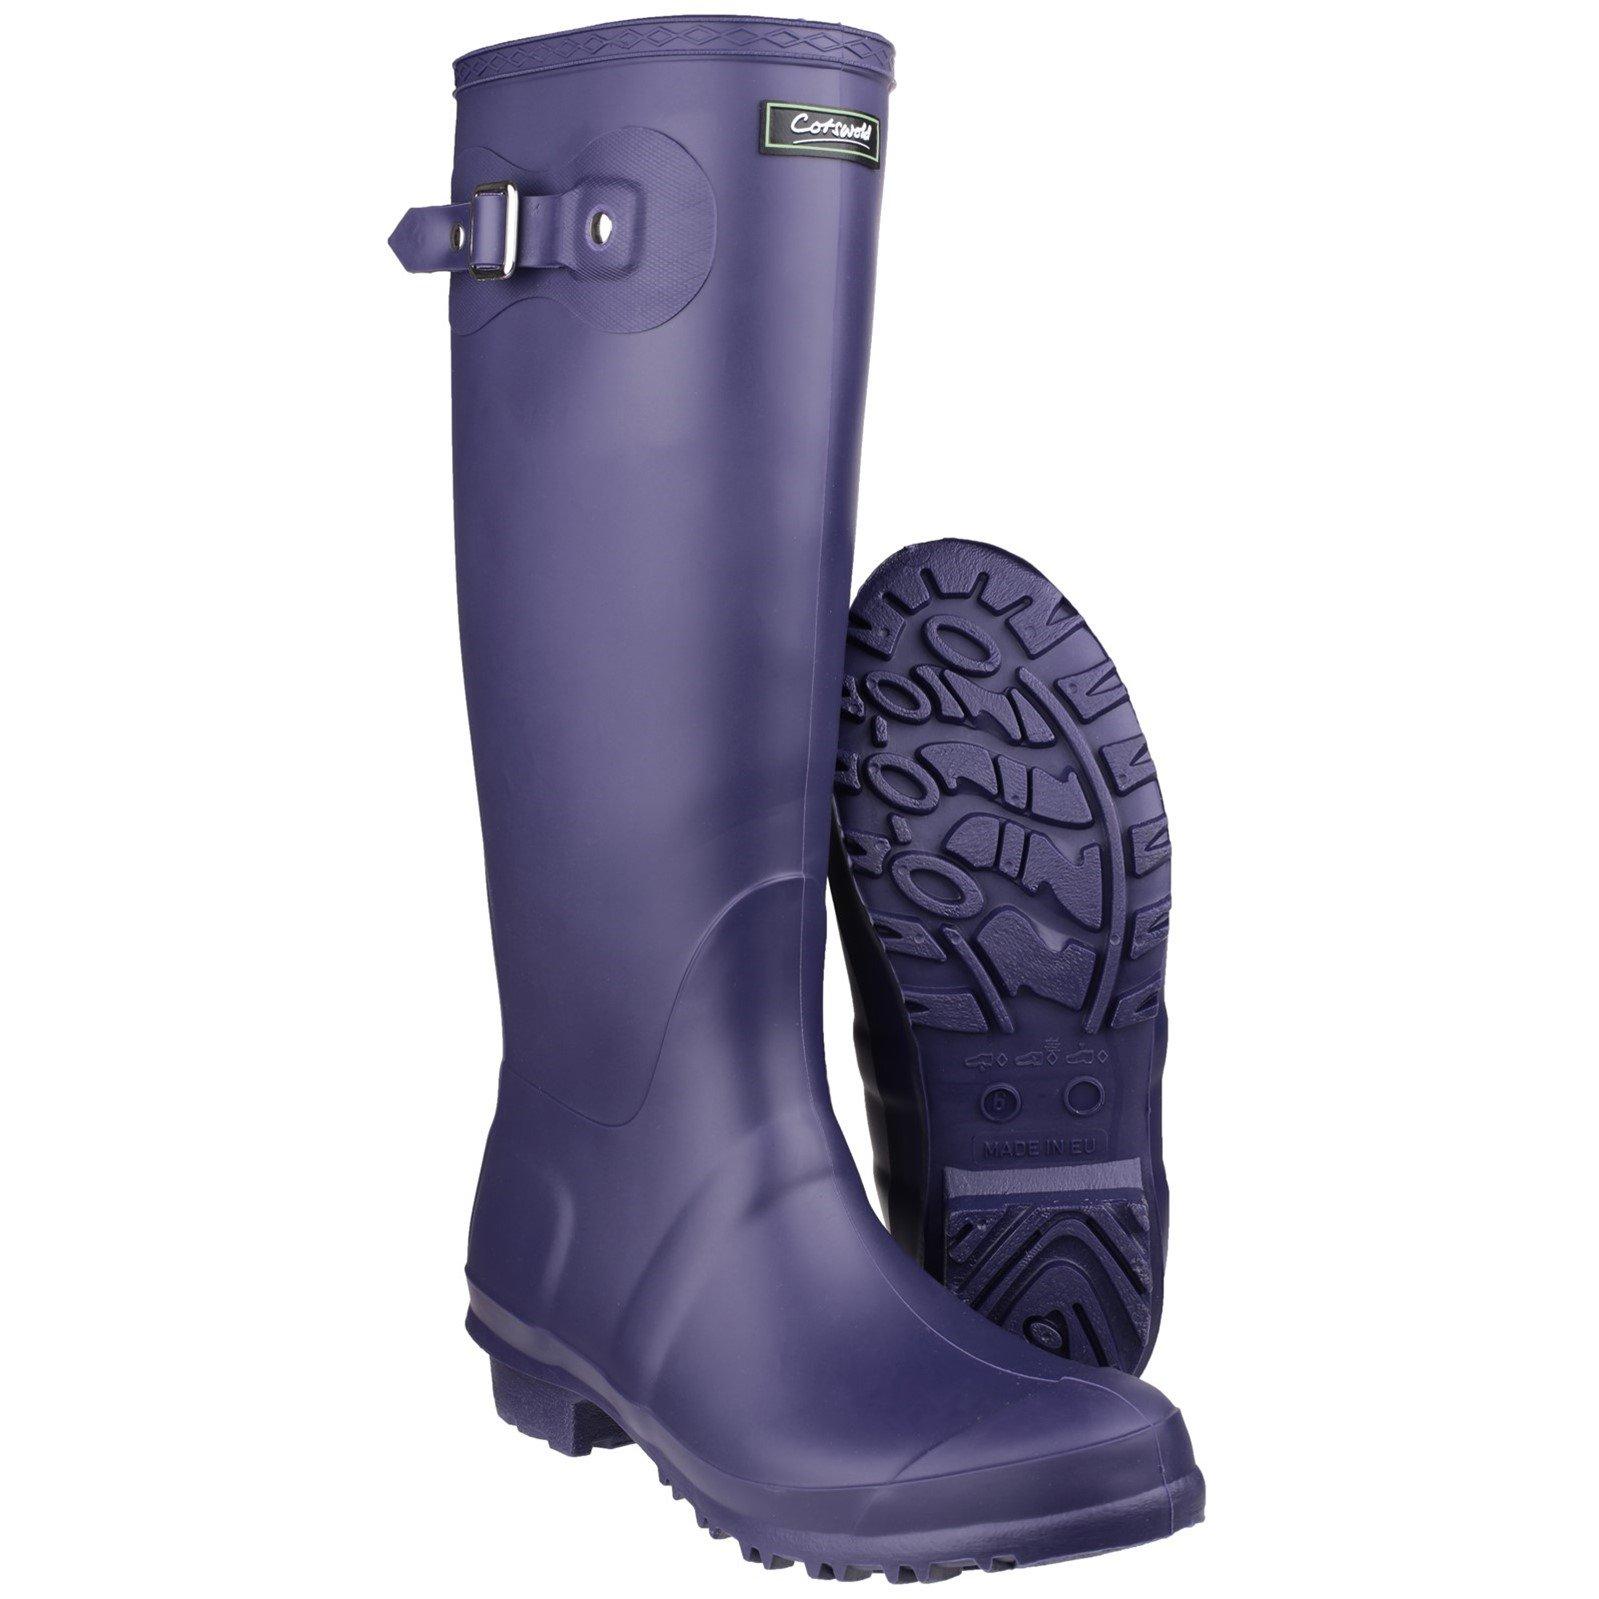 Cotswold Cotswold Damen Sandringham Wellington Stiefel Gummistiefel Regenstiefel Schuhe Lila EUR 43